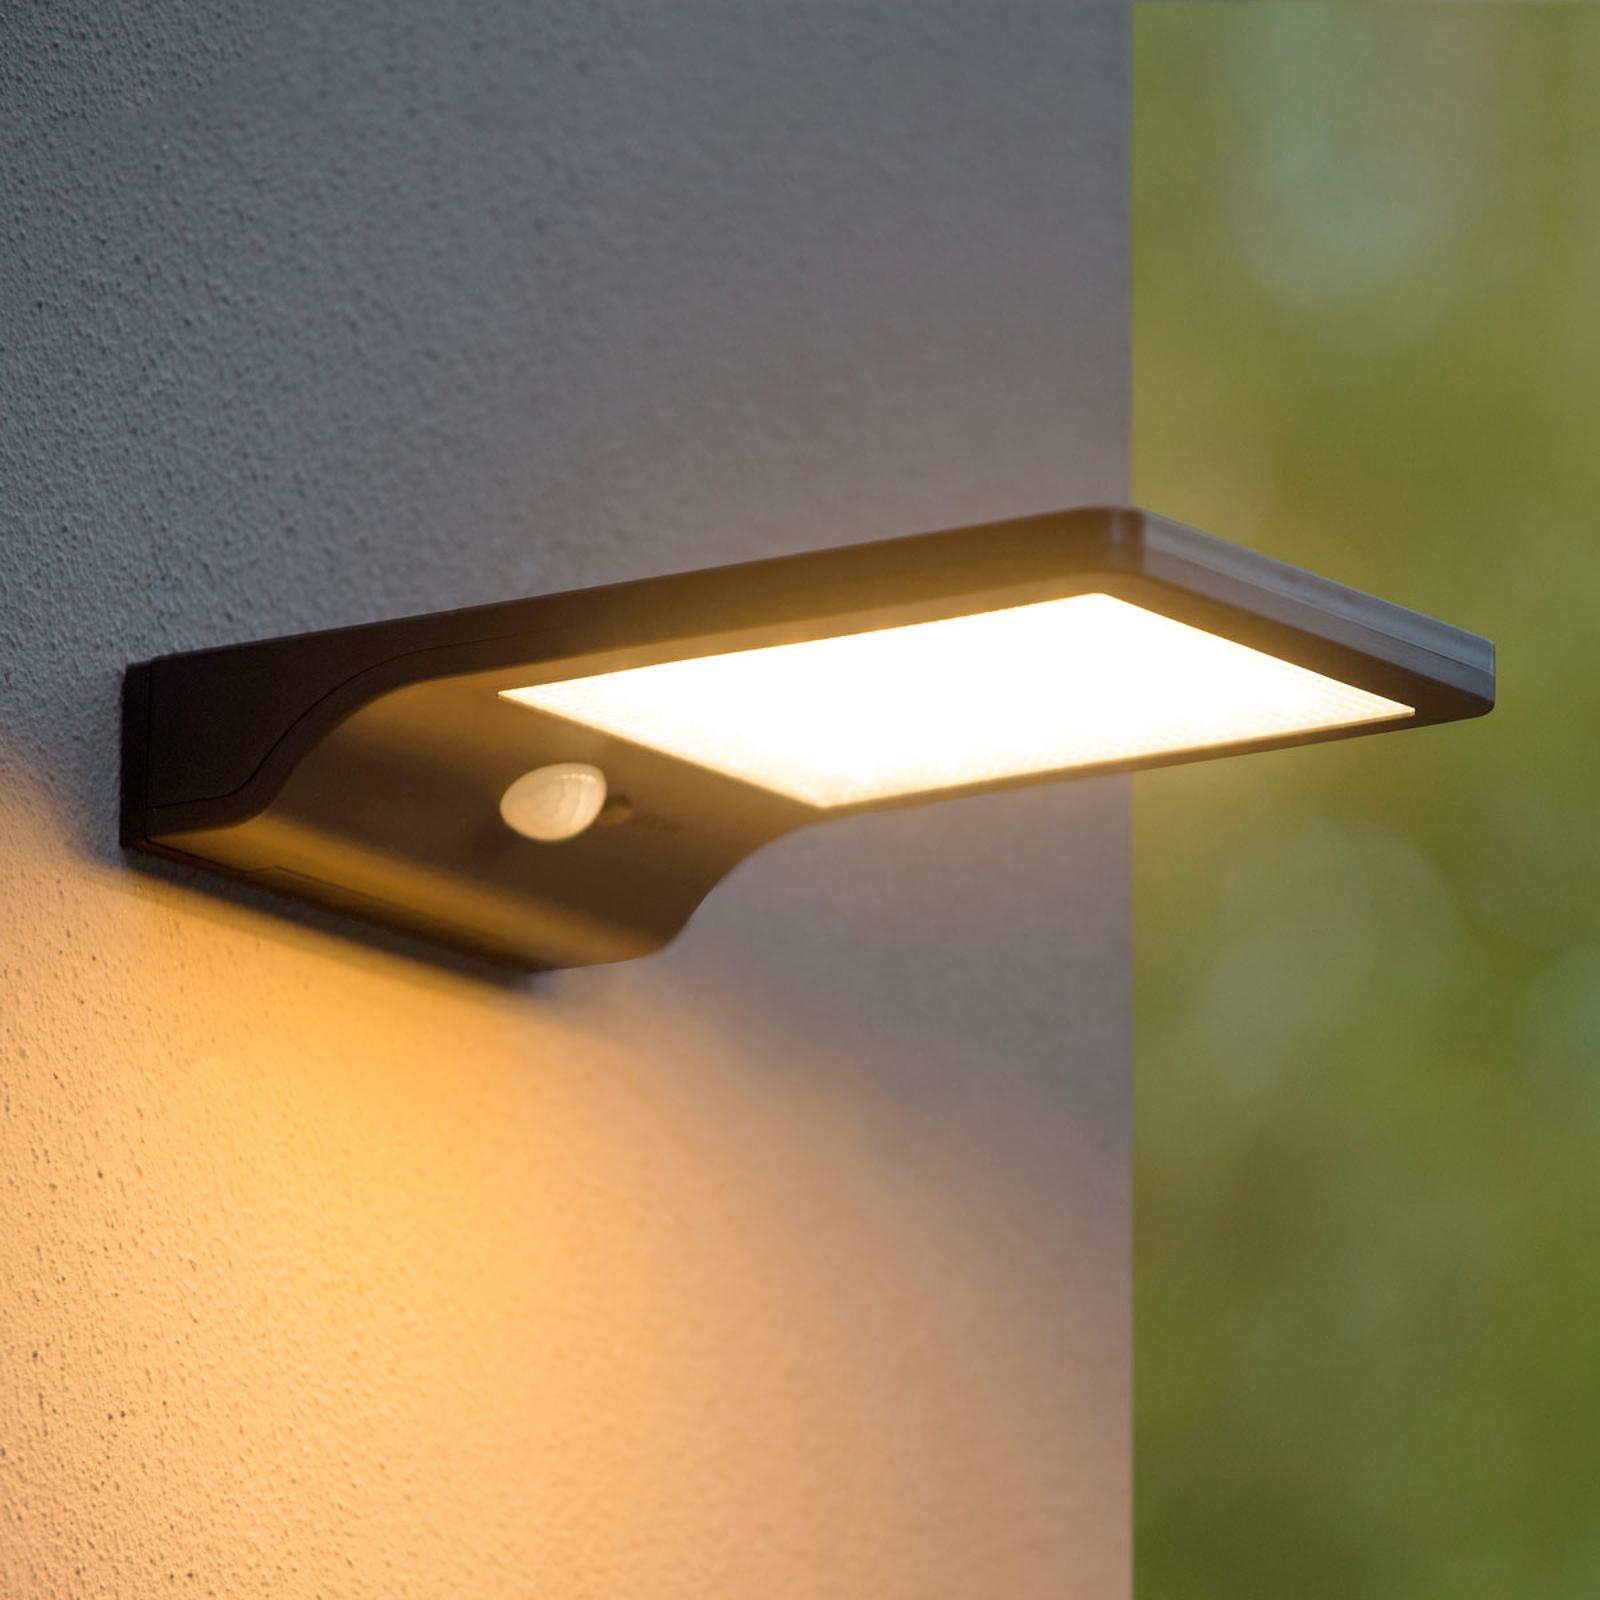 Applique d'extérieur LED solaire Basic